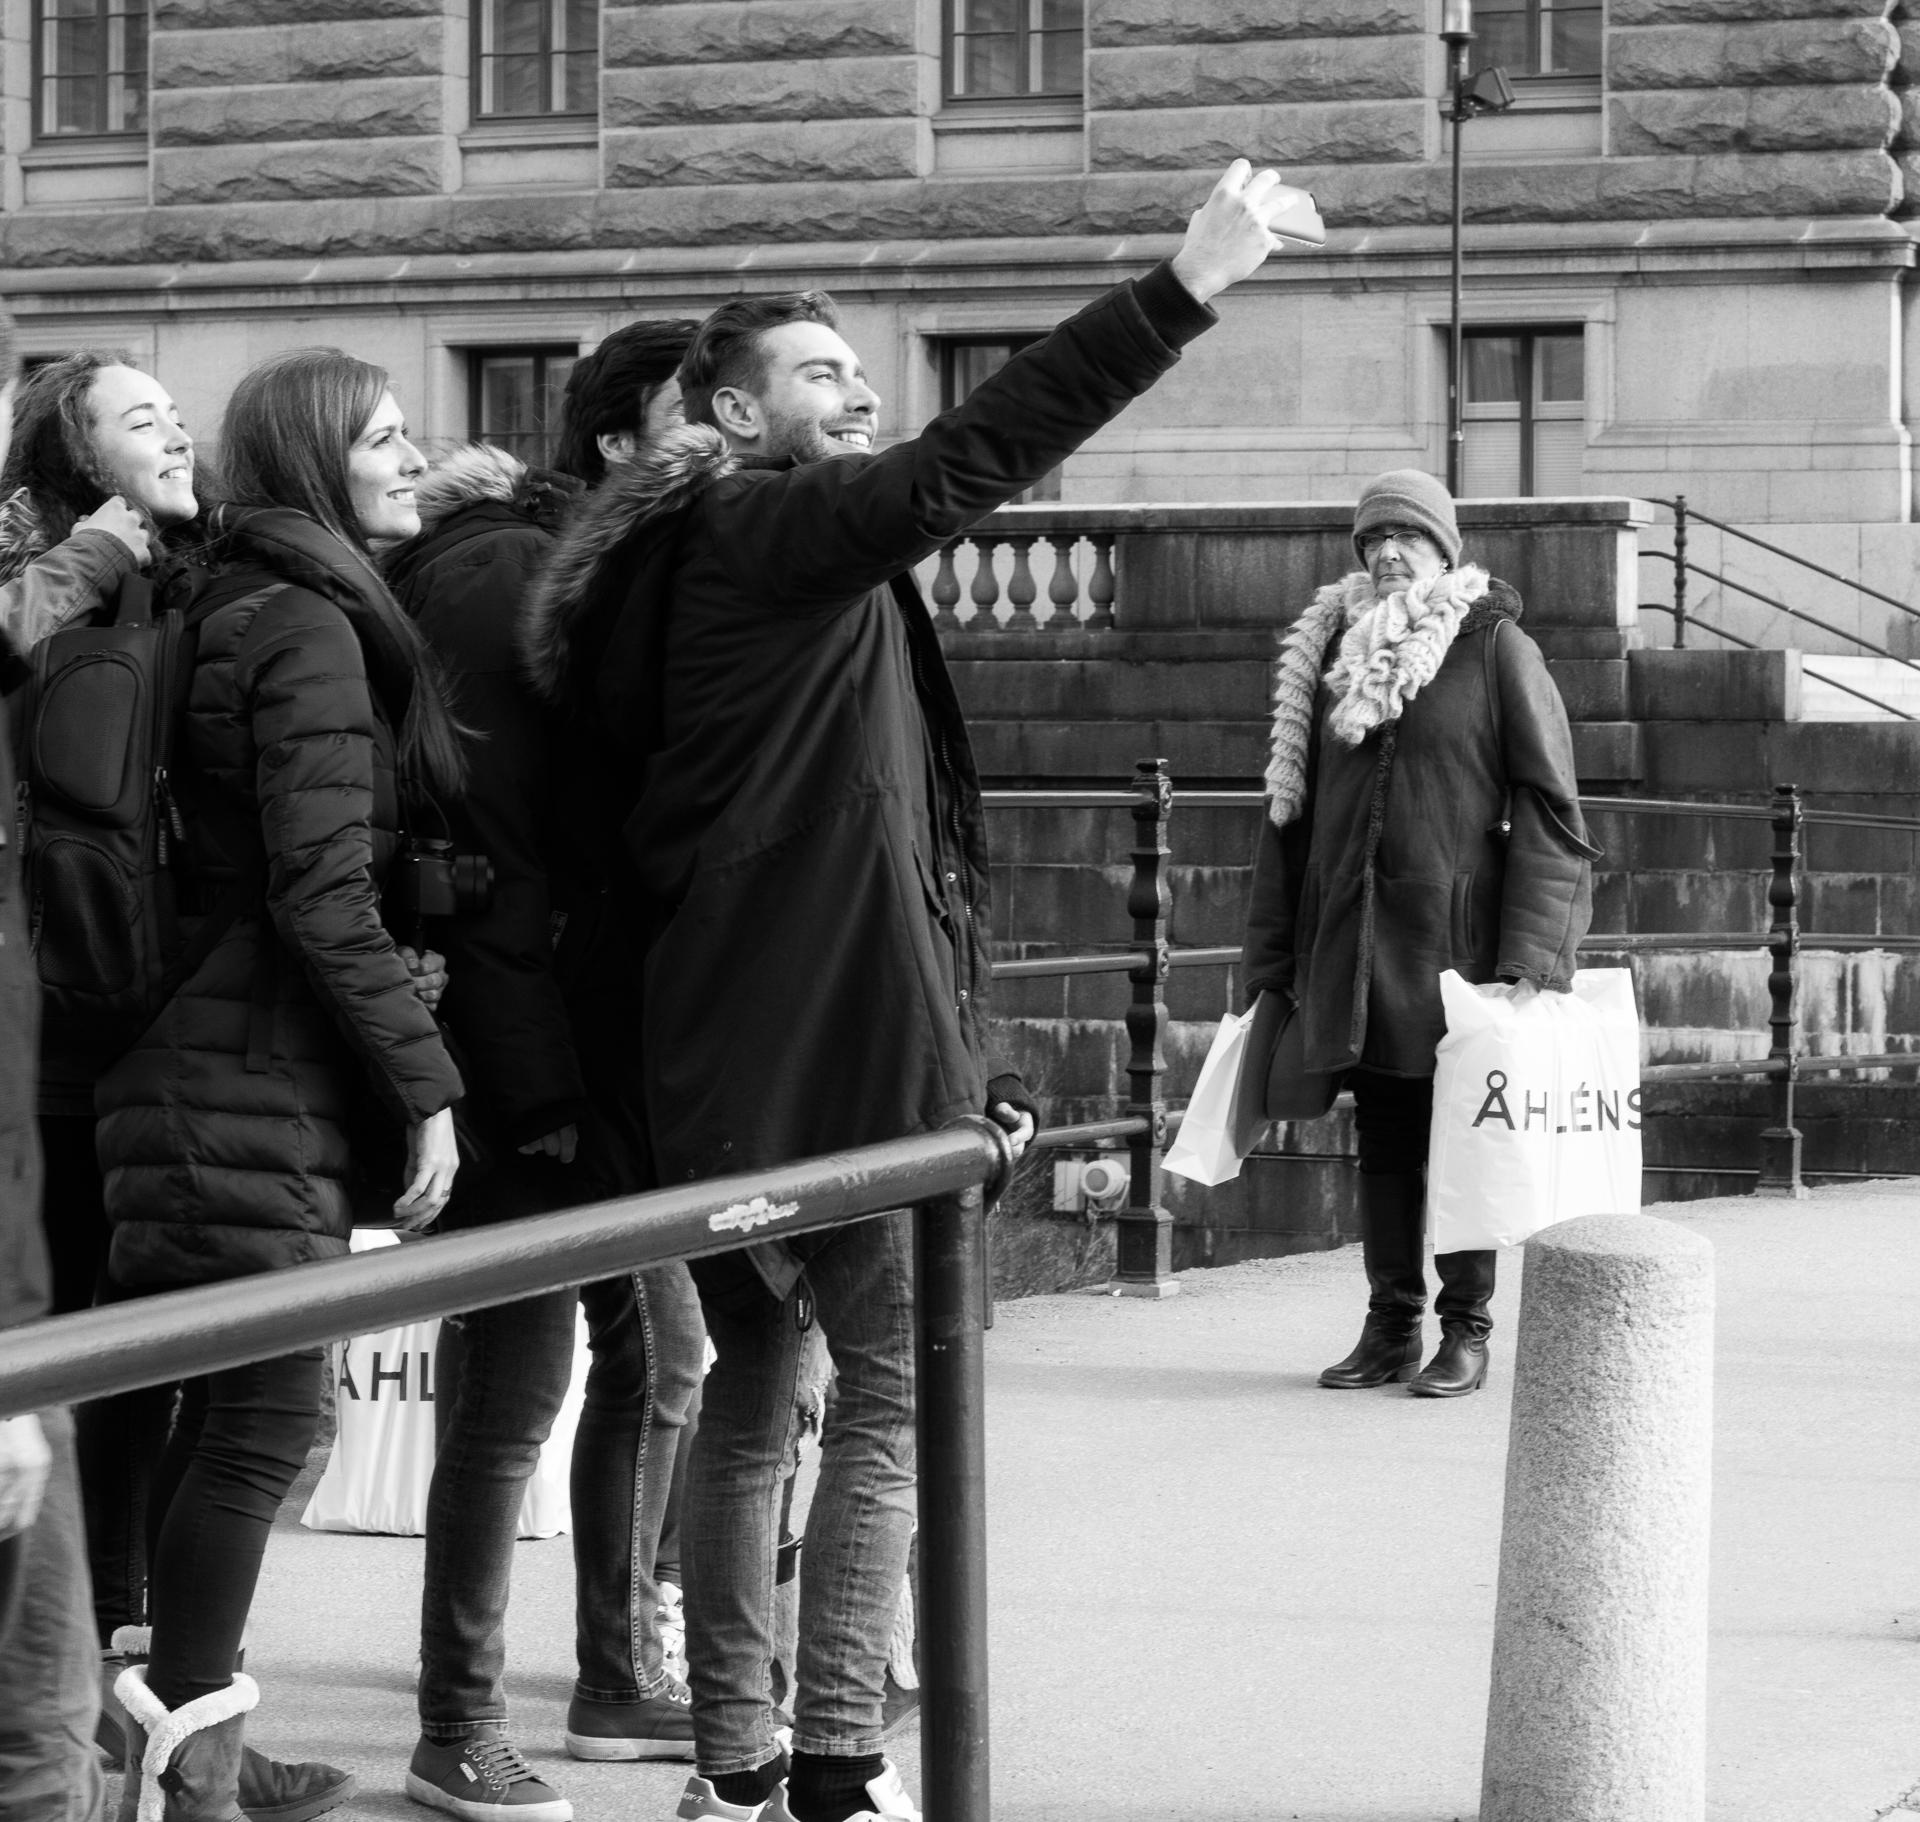 En grupp ungdomar tar en mobilselfie och en dam väntar tålmodigt på att kunna passera.